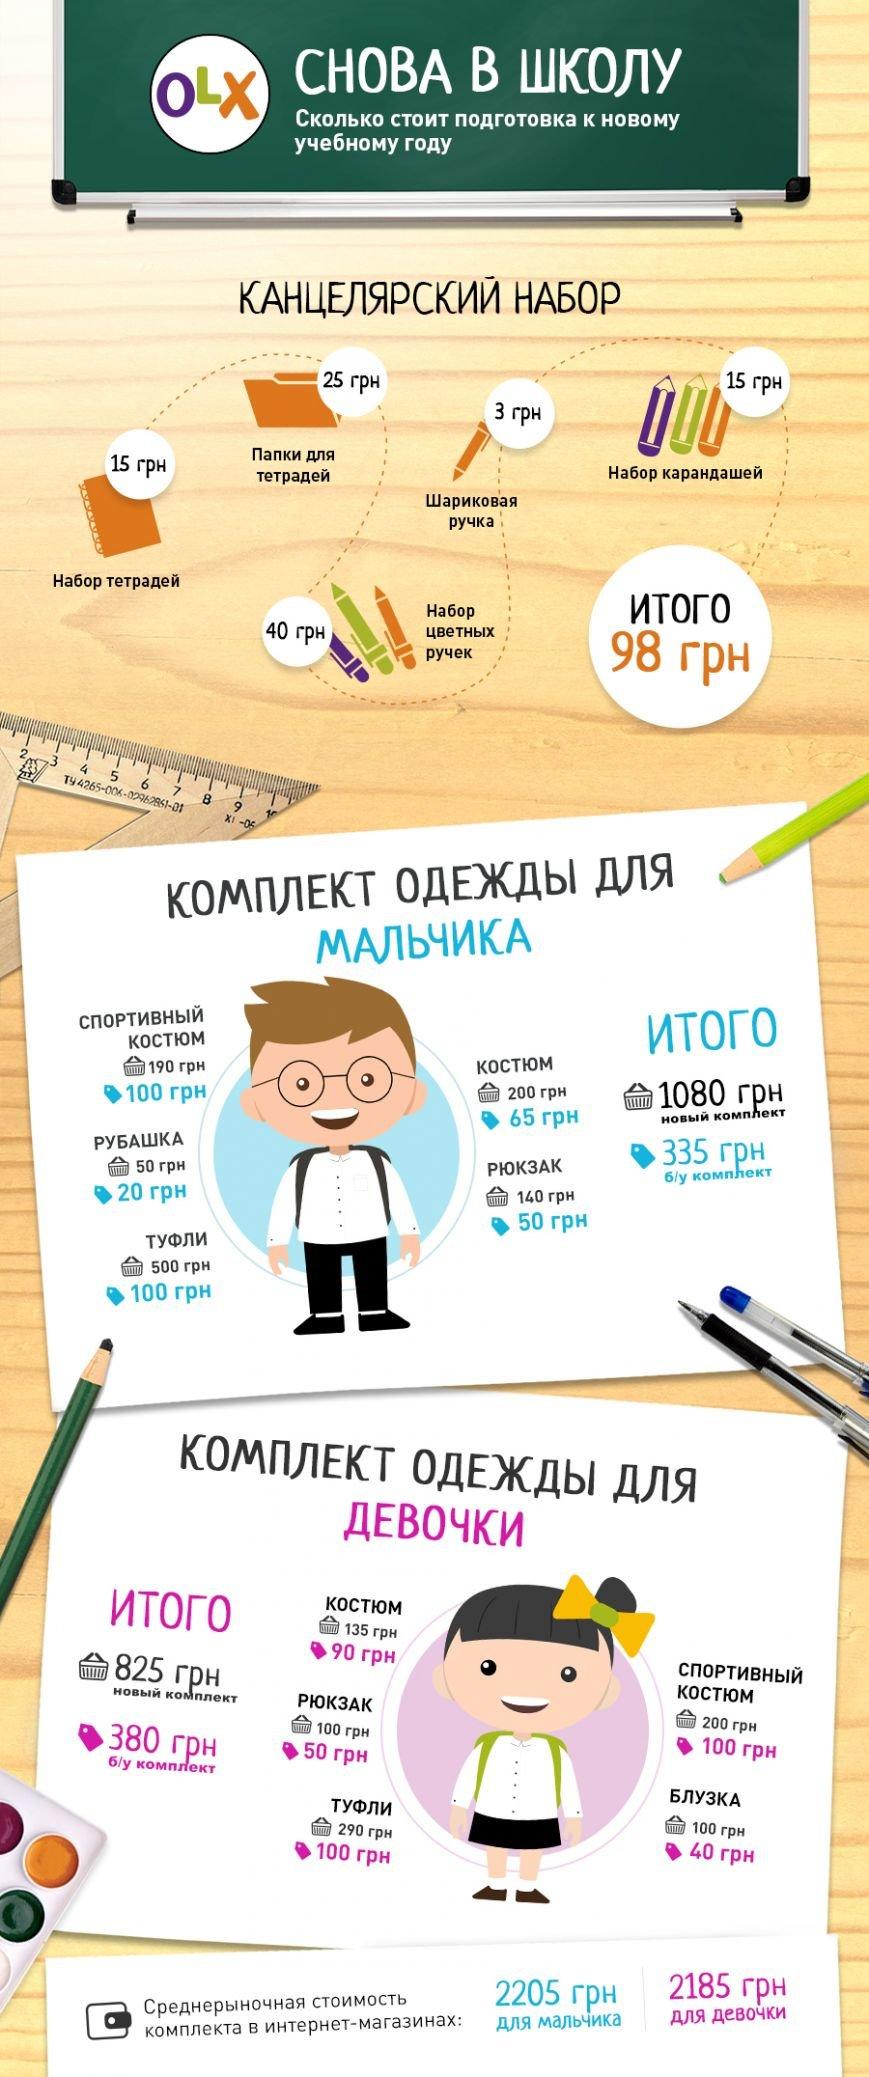 OLX School Info RUS